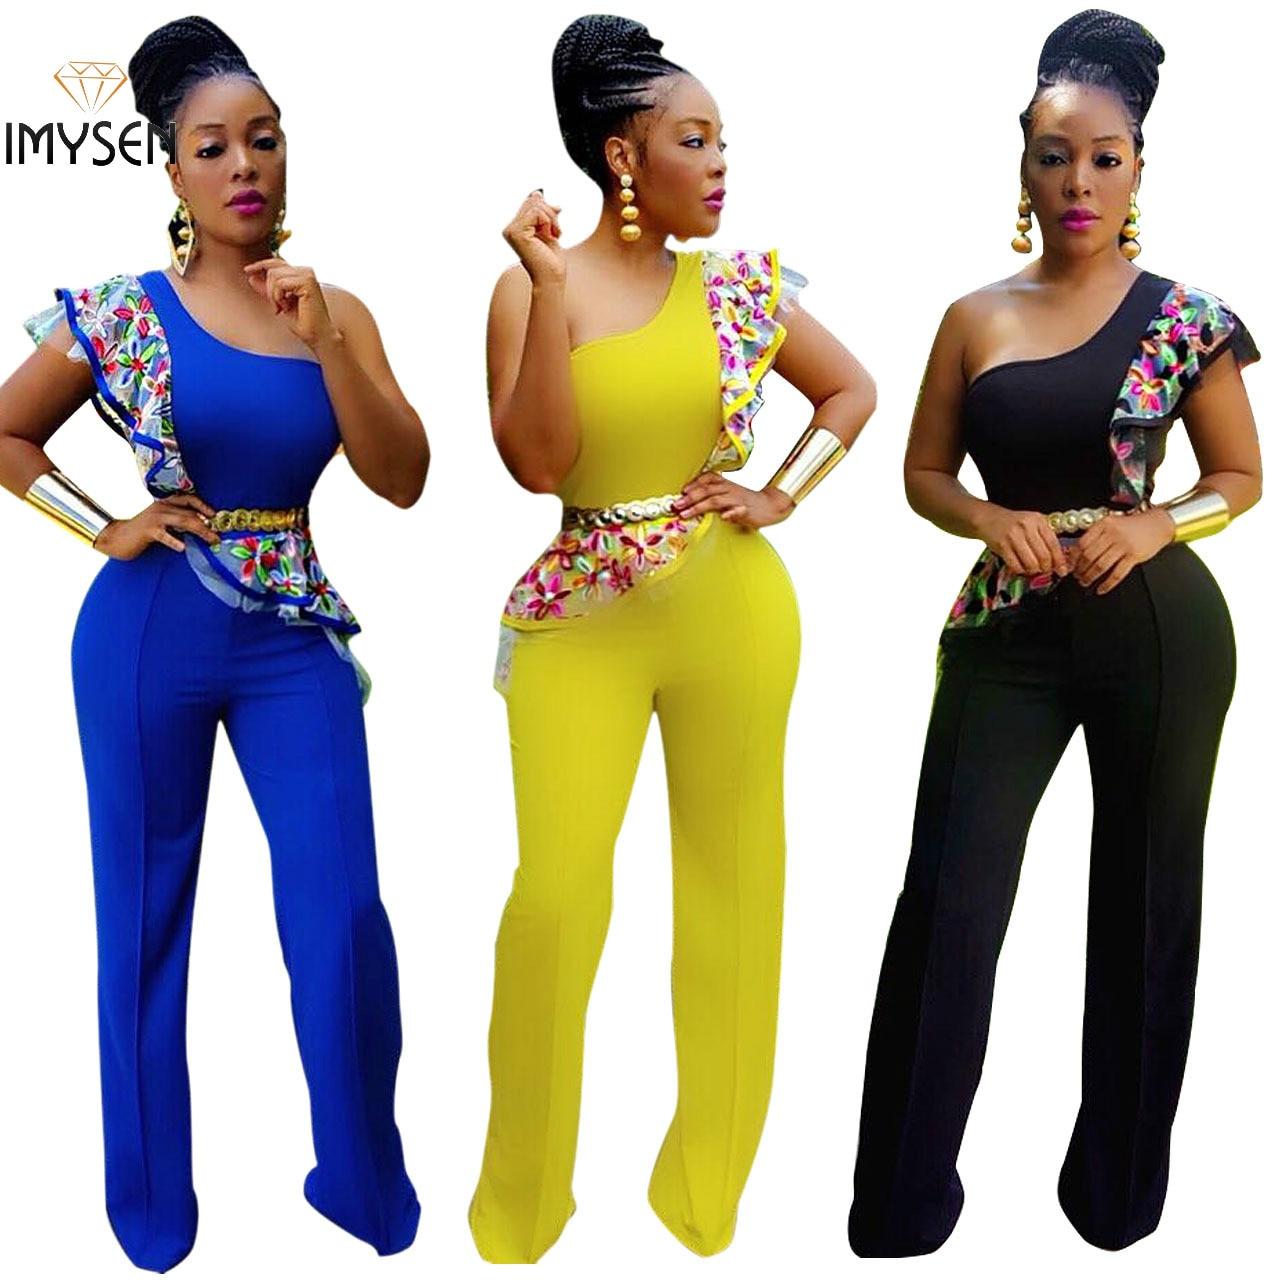 Imysen лето-осень длинный комбинезон Для женщин Sexy цветочные Вышивка Кружево комбинезон на одно плечо цвет желтый, синий; размеры 34–43 черный К...